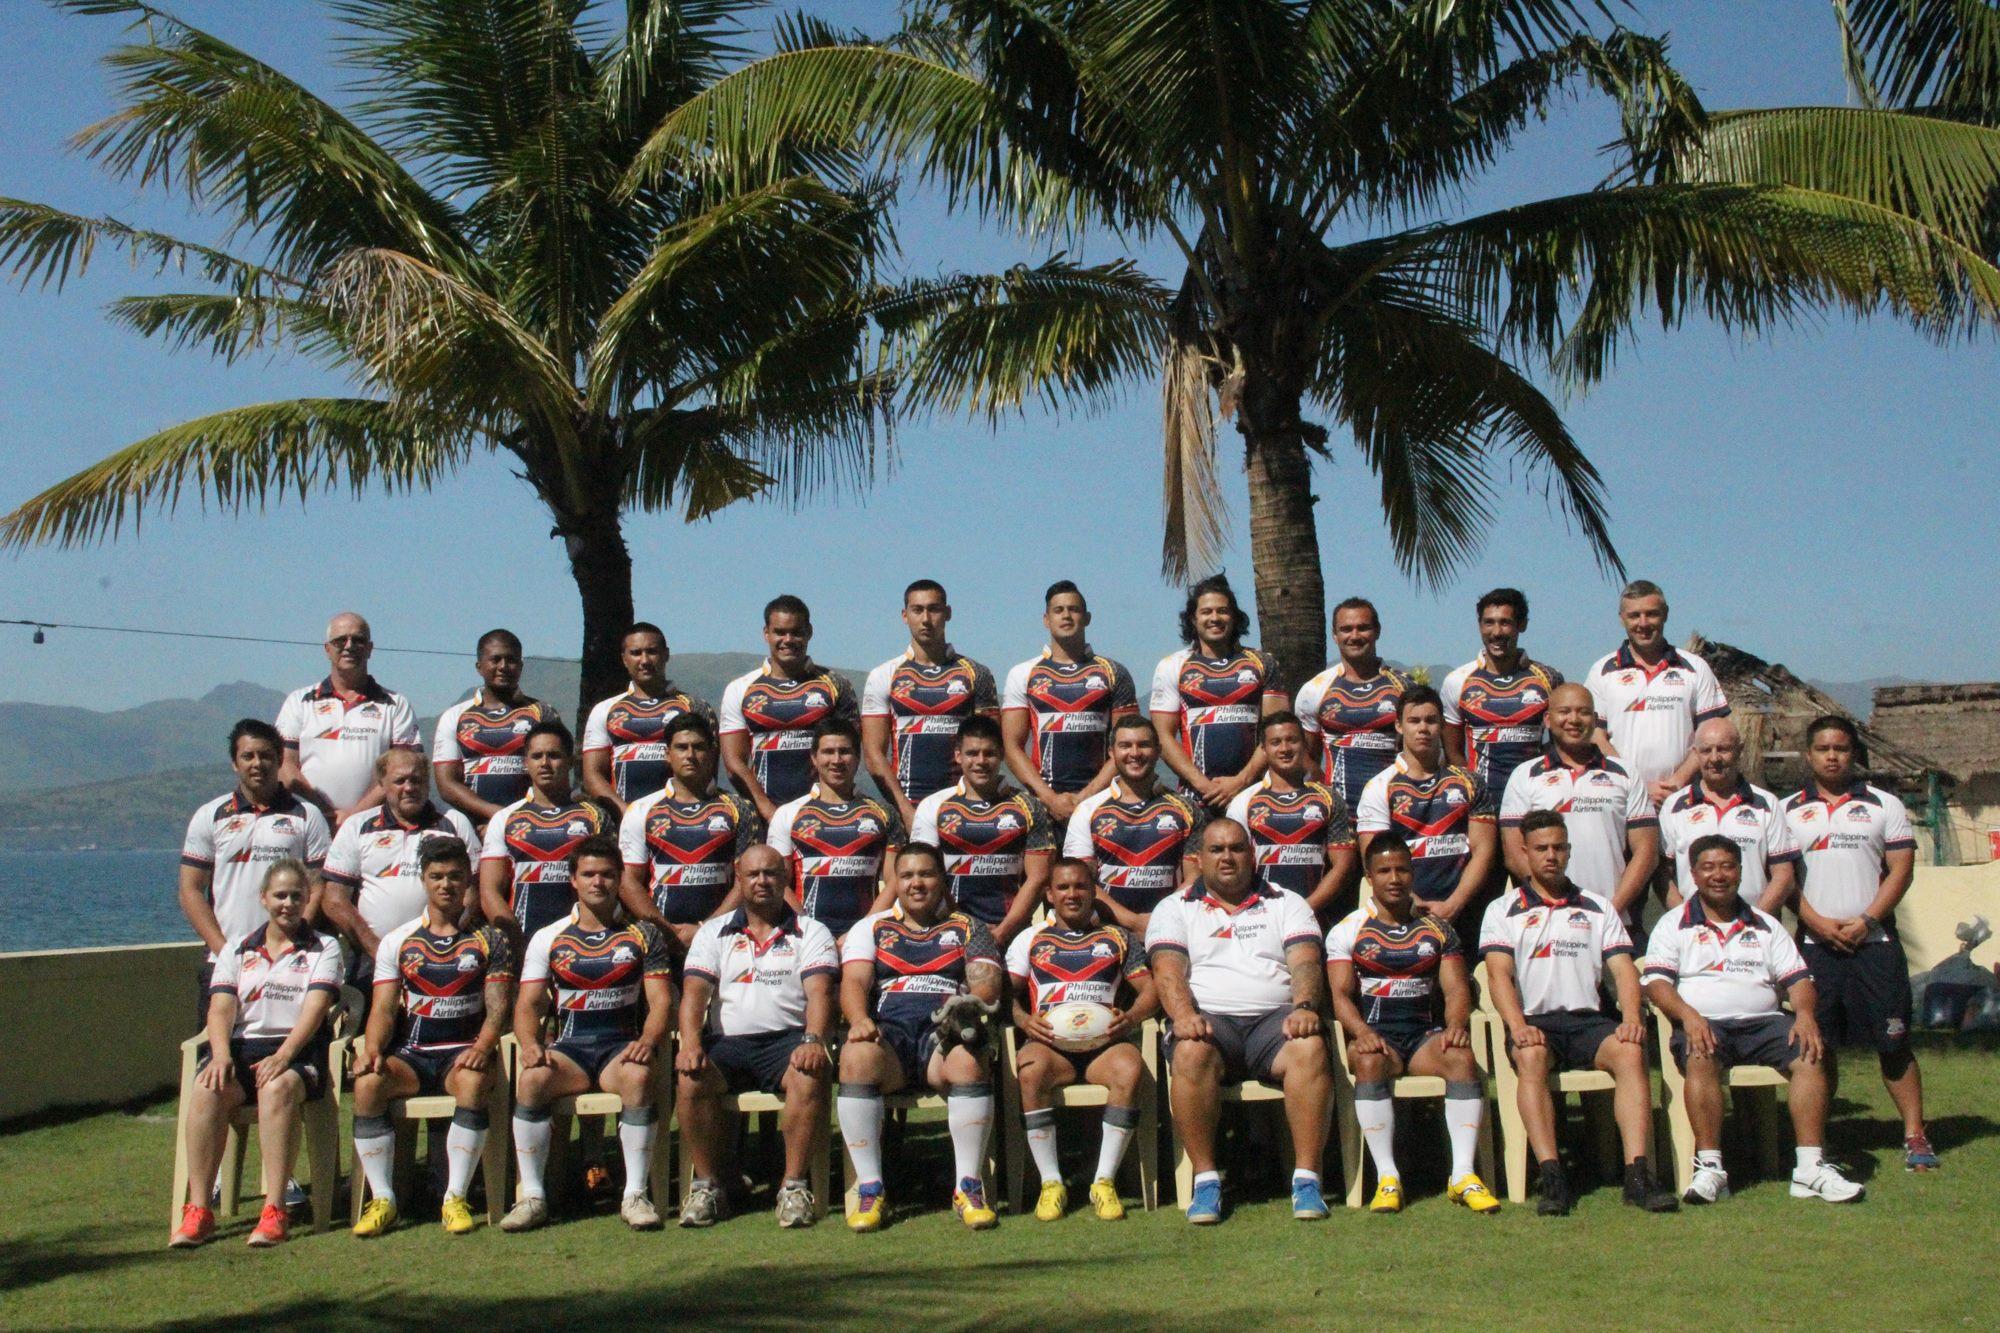 Репрезентација Филипина слика: http://www.asiapacificrl.com